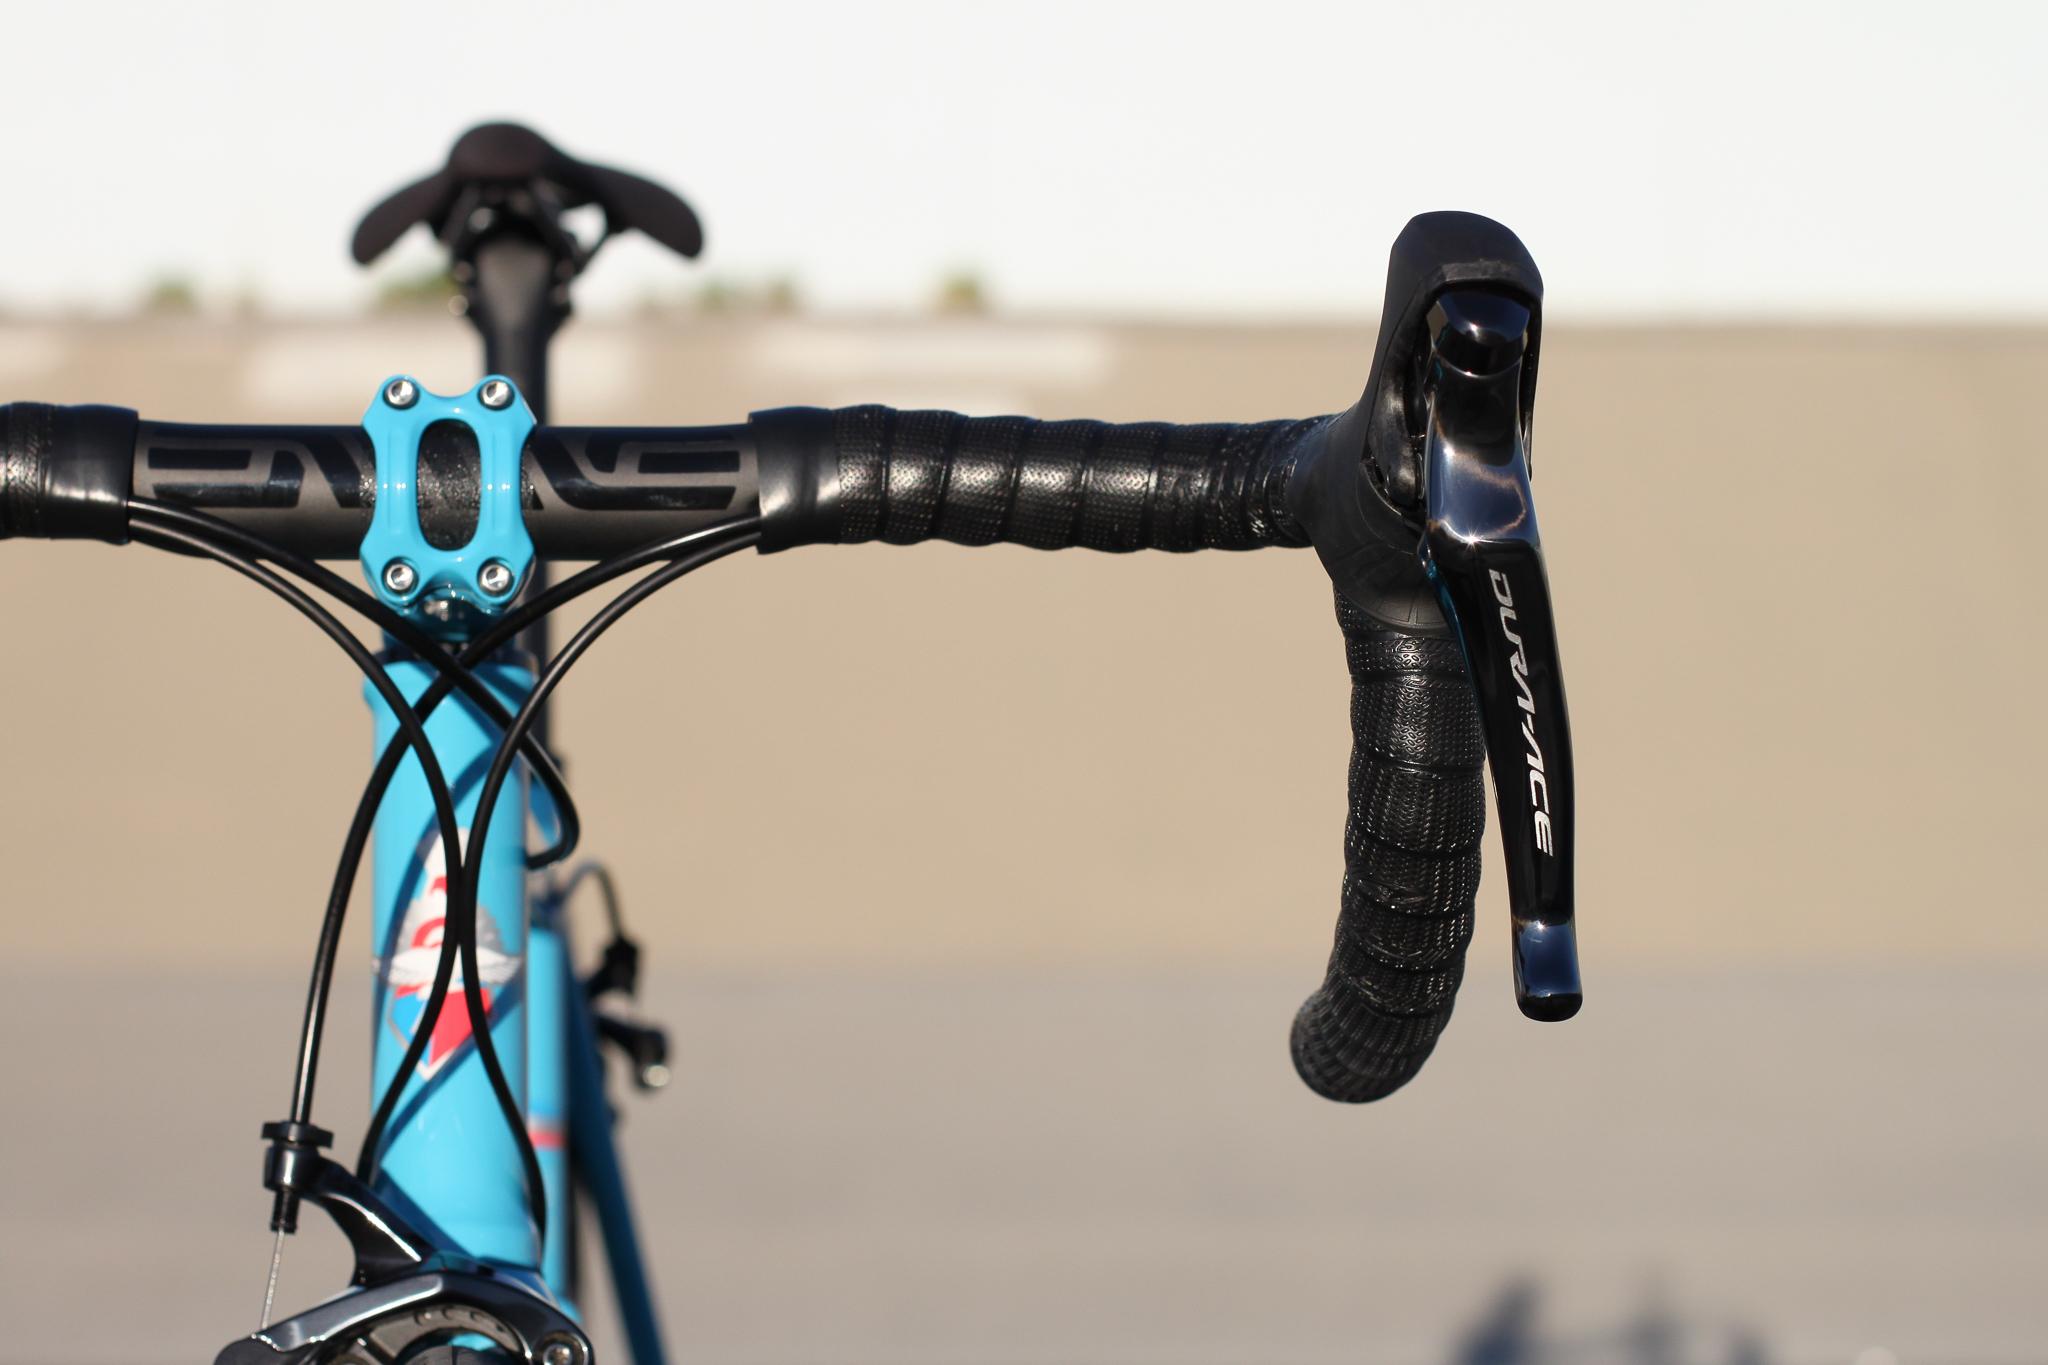 fairdale-bikes-sam-carlson-goodship-074